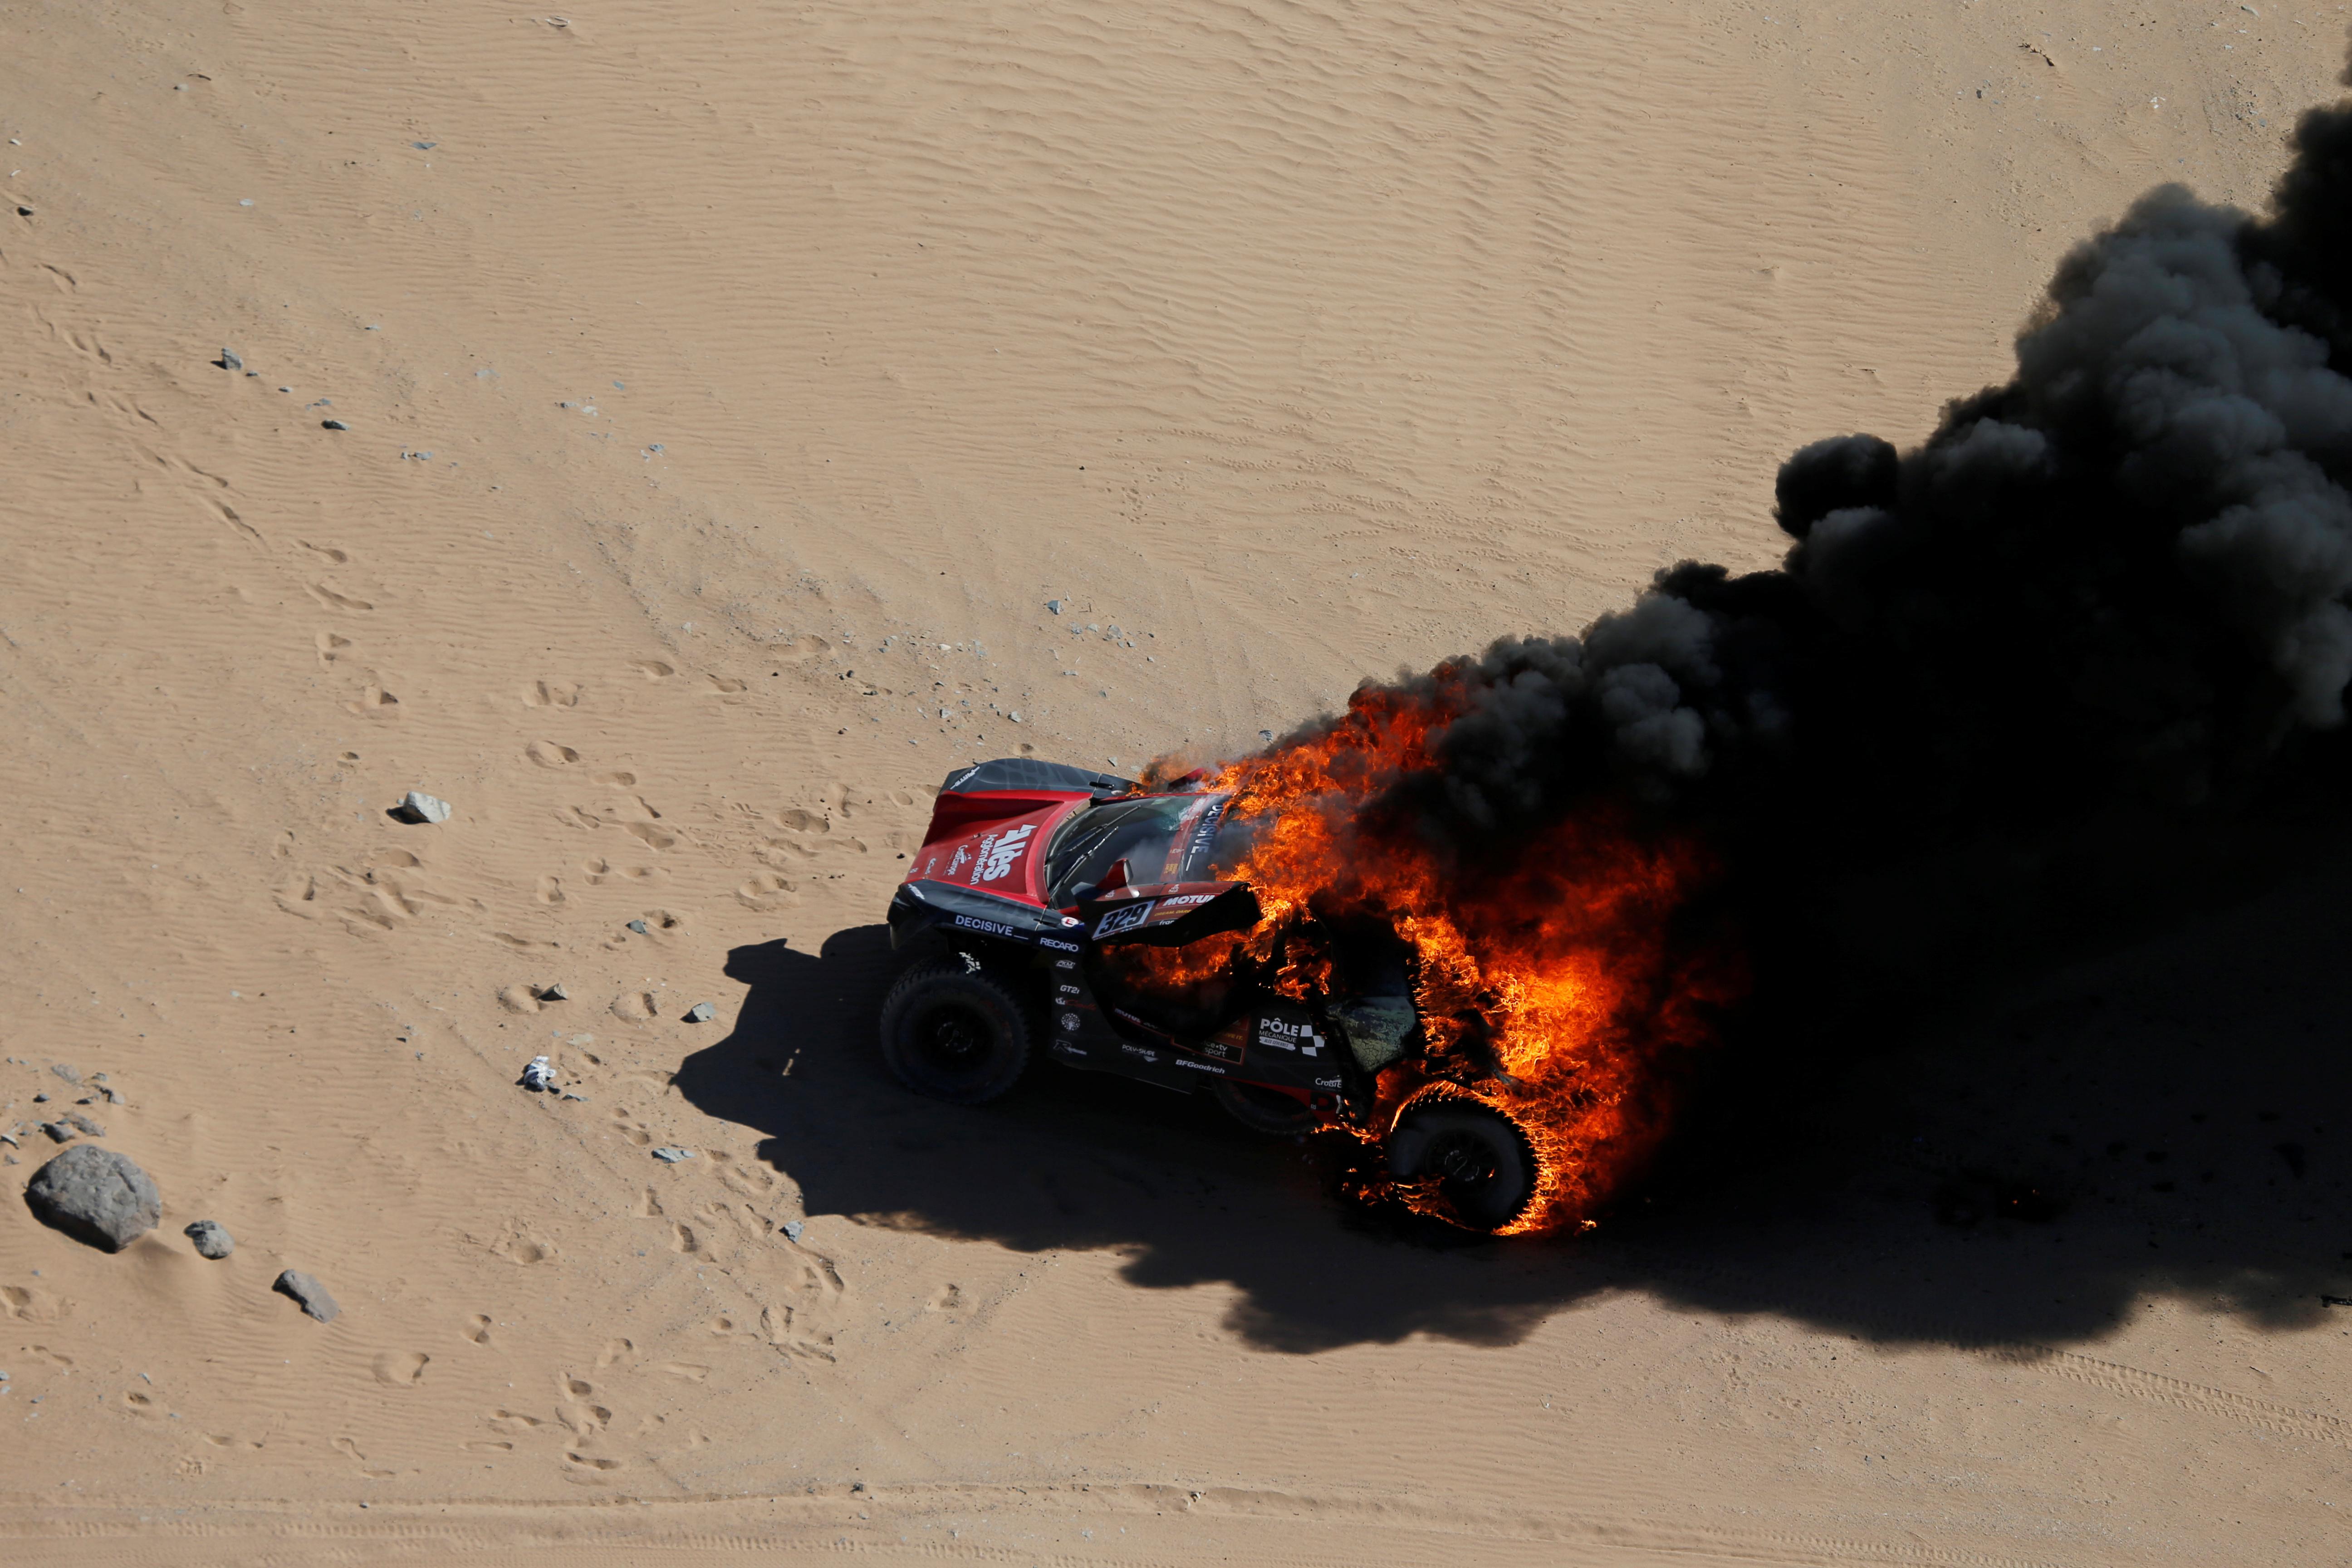 El vehículo del francés Romain Dumas quedó envuelto en llamas y tuvo que abandonar